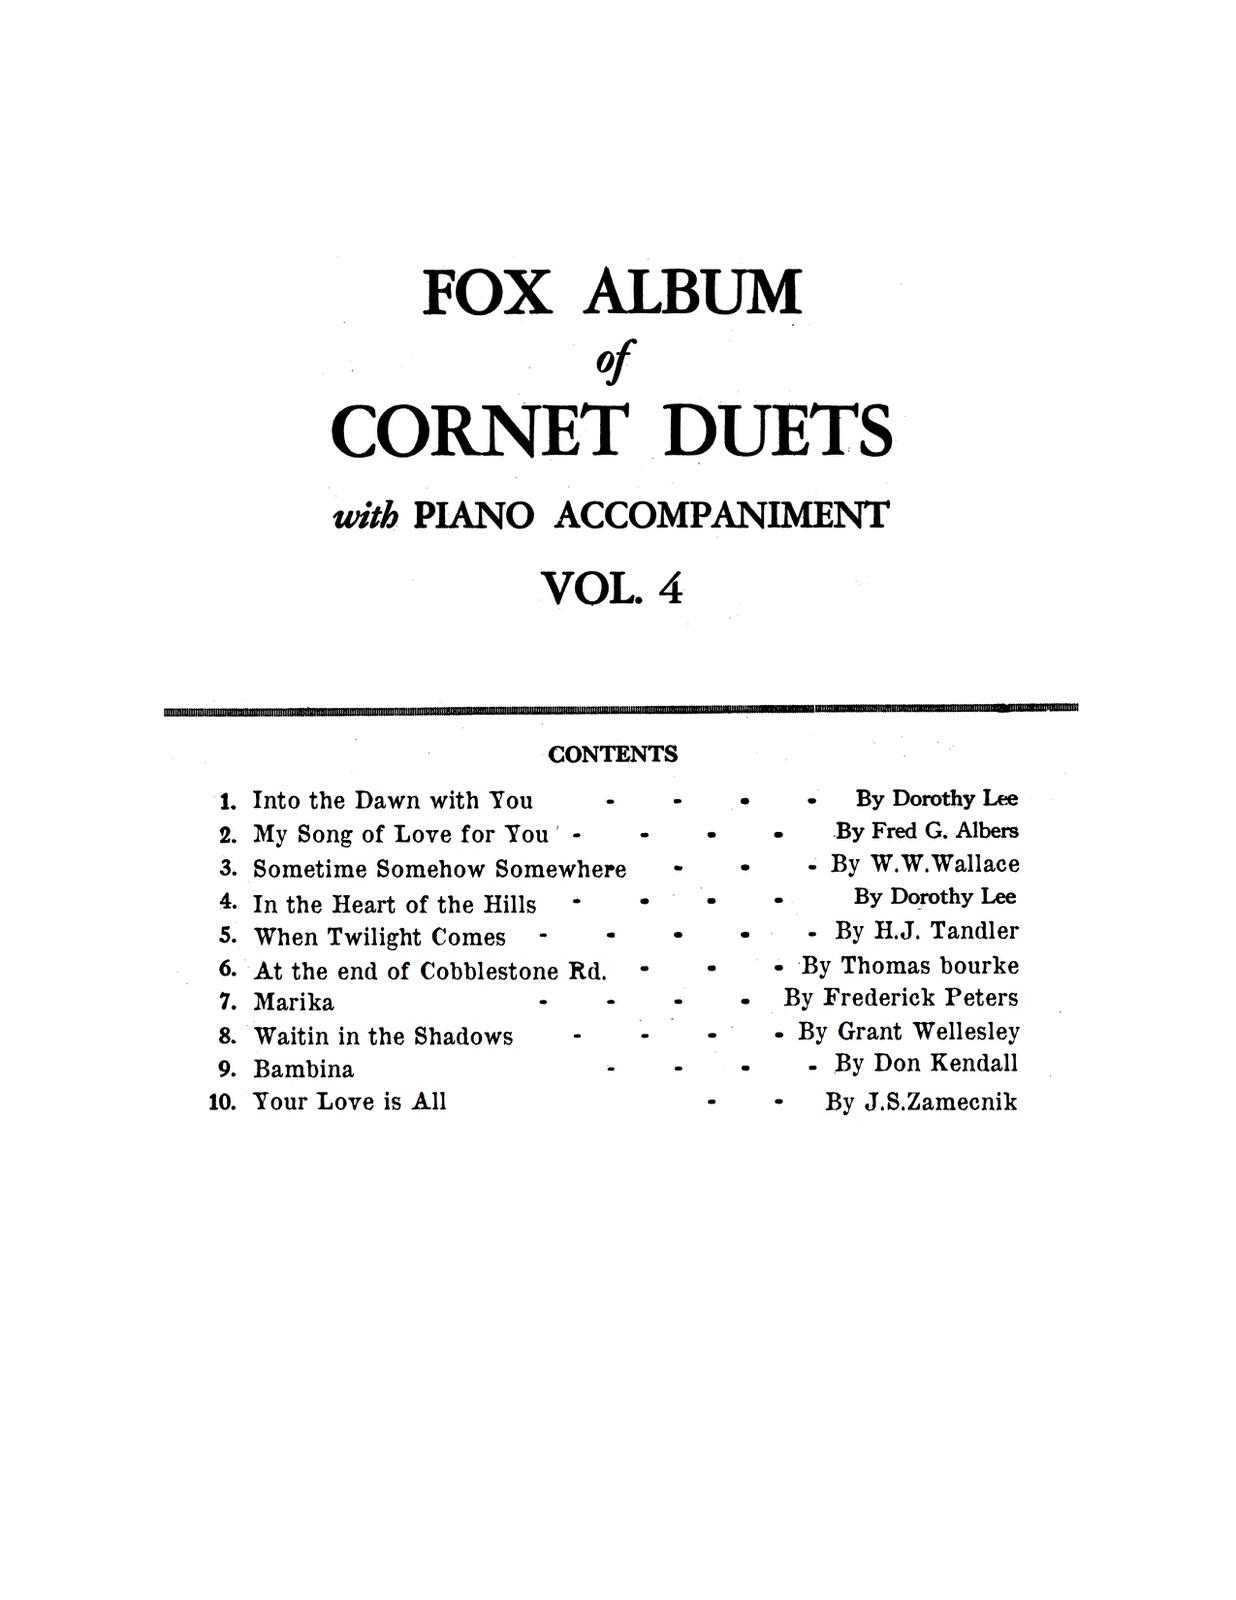 Fox Album of Cornet Duets Vol.4-p27